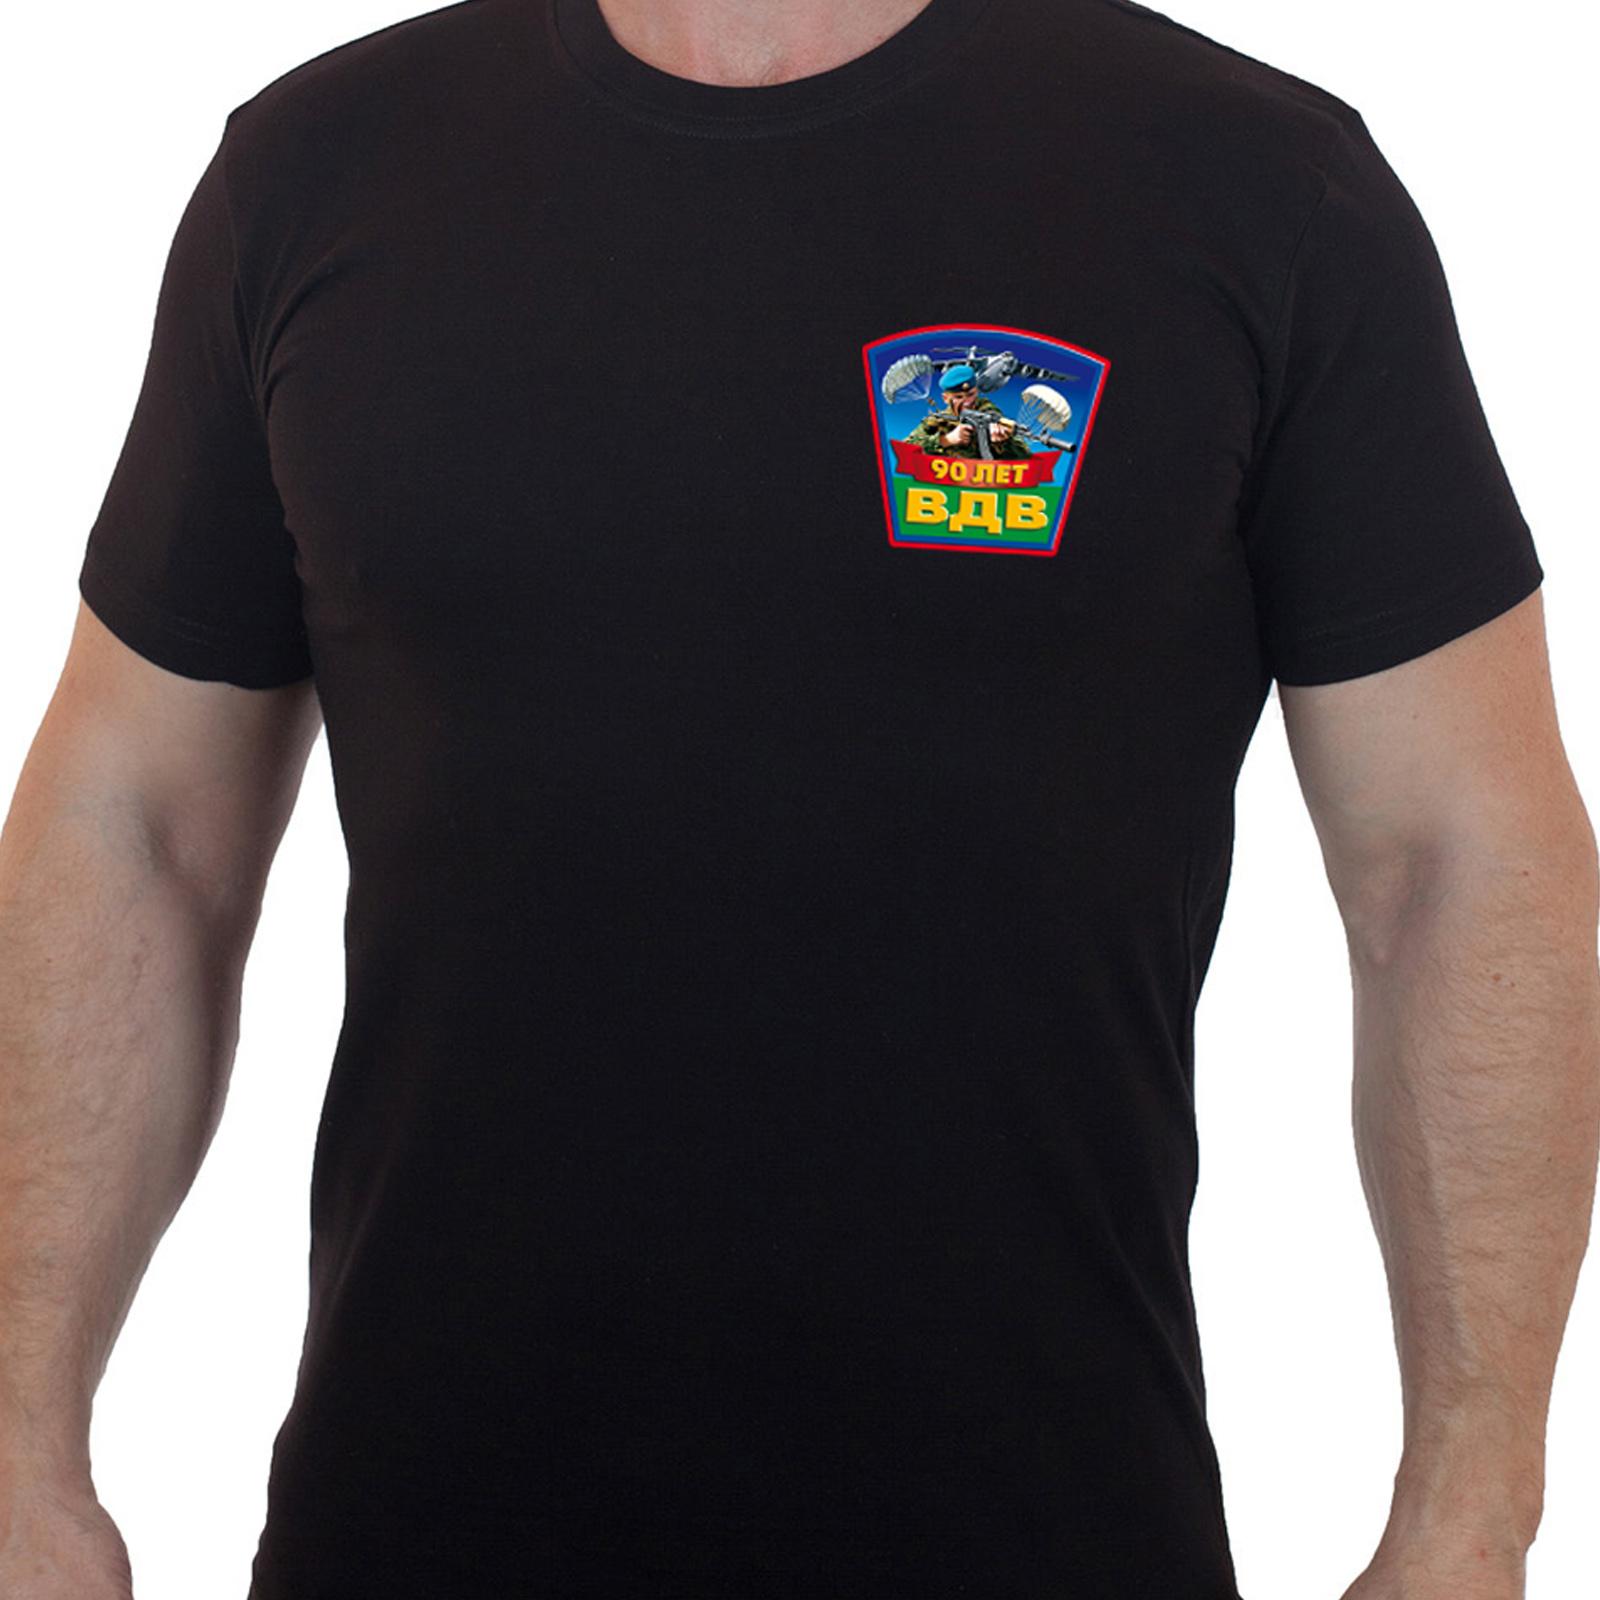 Черная футболка с принтом 90 лет ВДВ